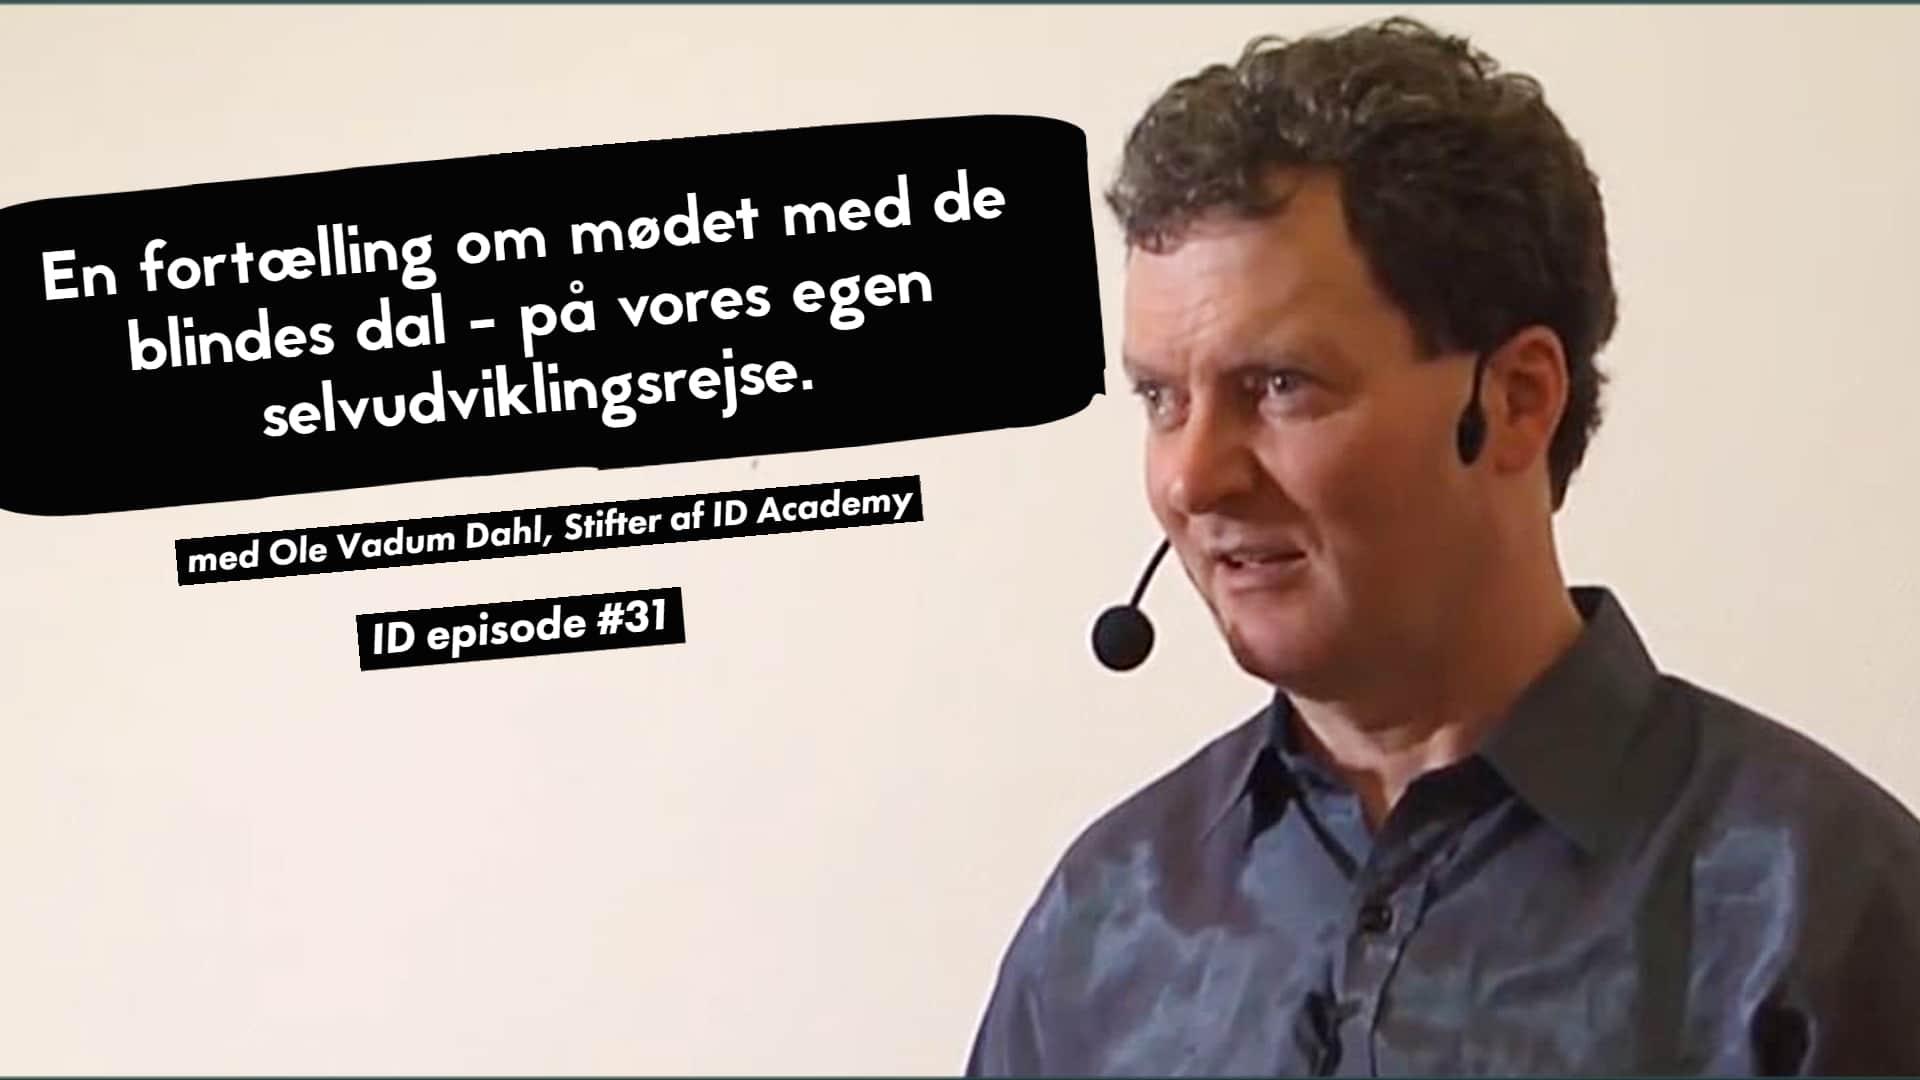 Stifter af ID Academt - Ole Vadum Dahl - Psykoterapeut og Coaching uddannelser